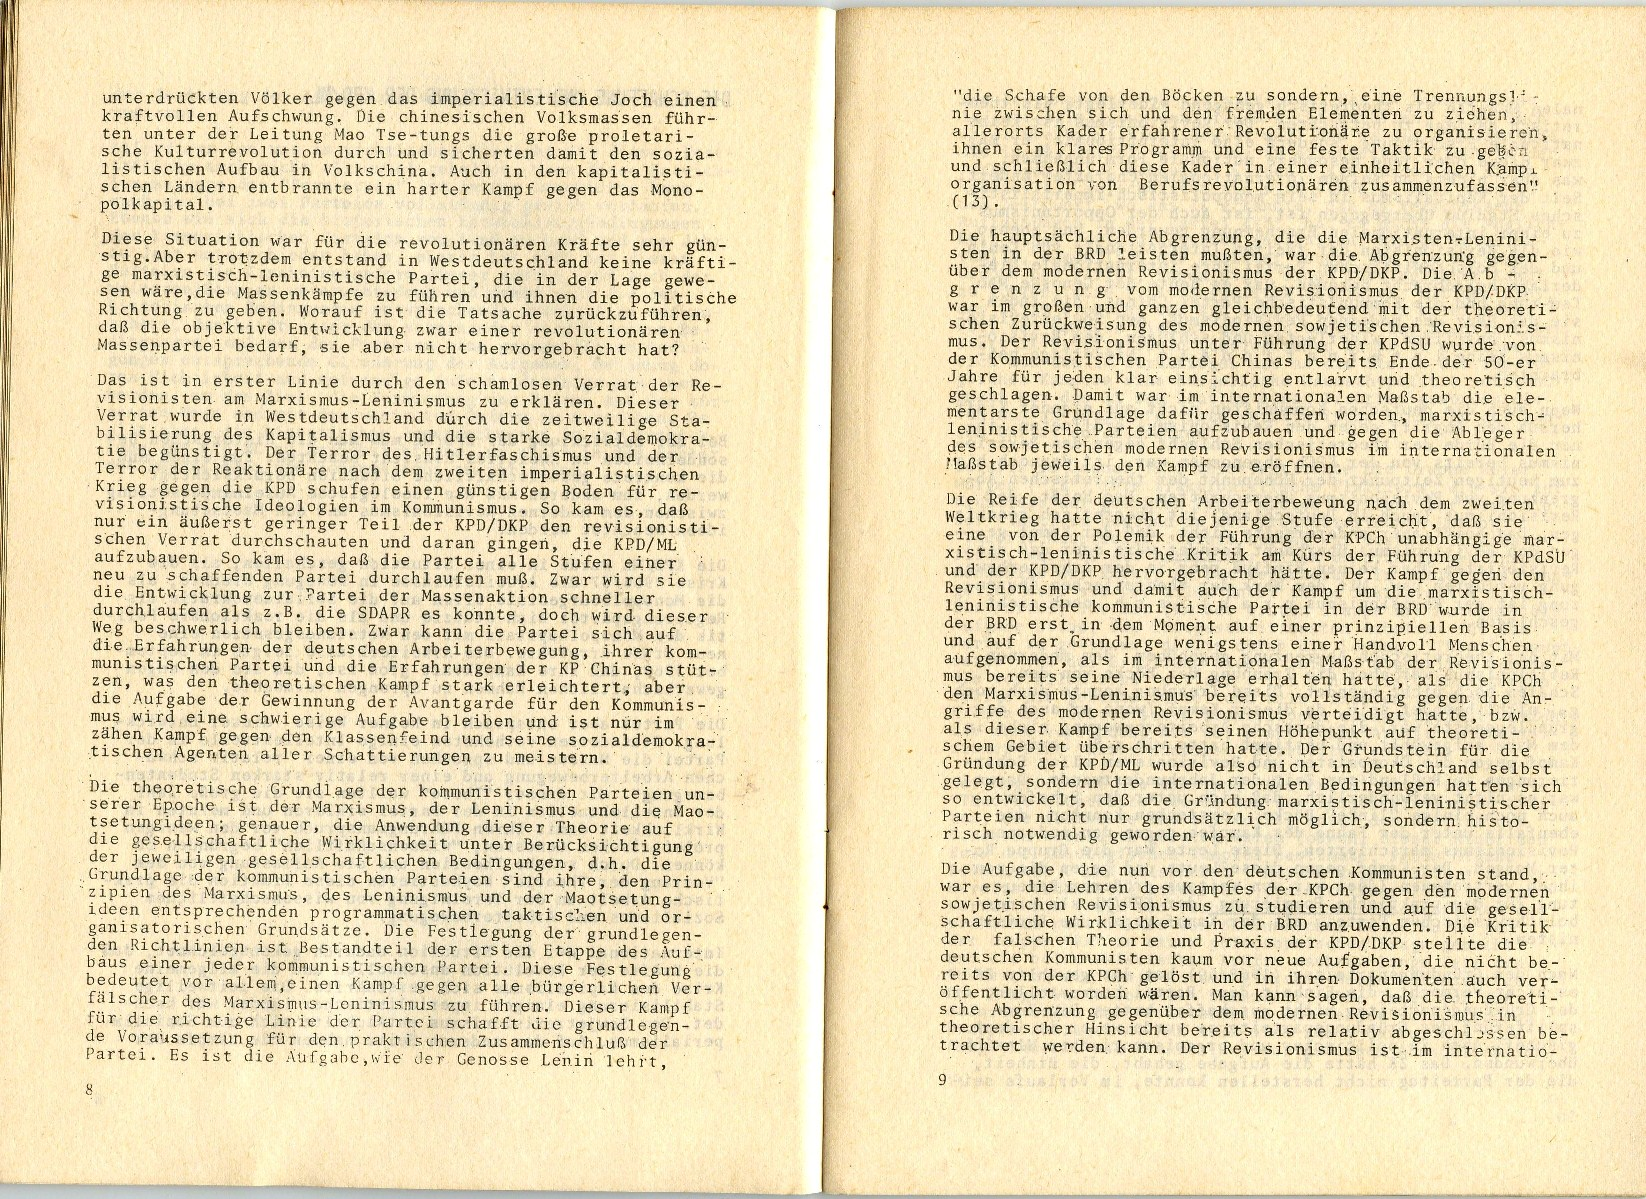 ZB_Etappen_Parteiaufbau_1971_11